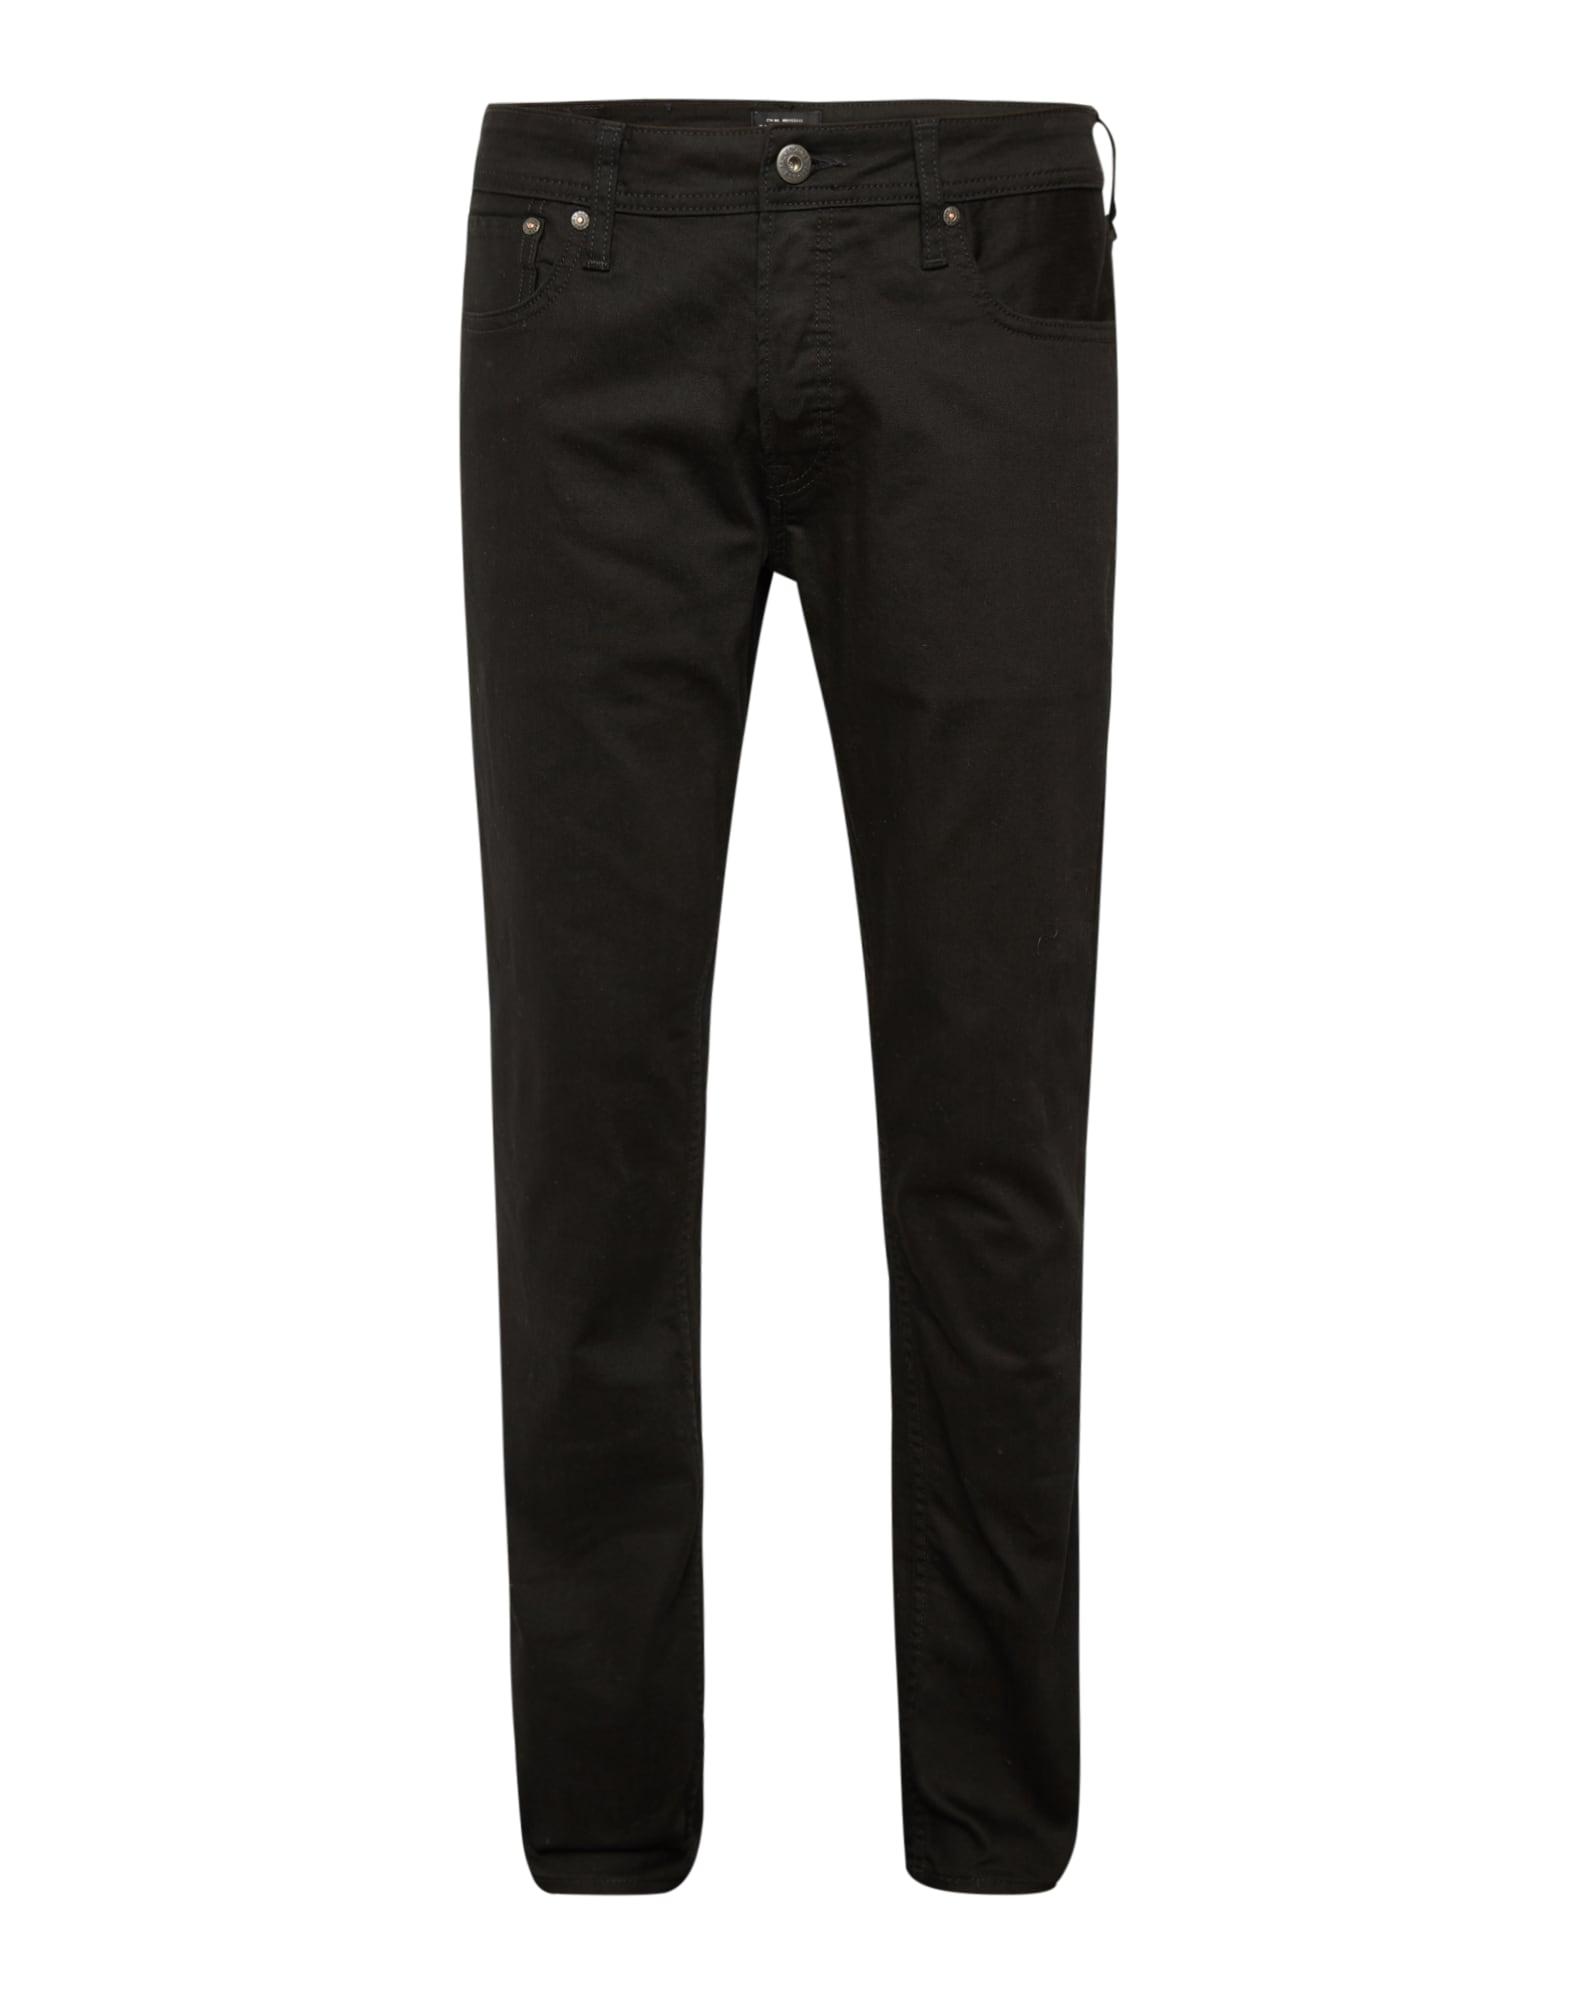 Džíny Black- Jeans černá džínovina JACK & JONES